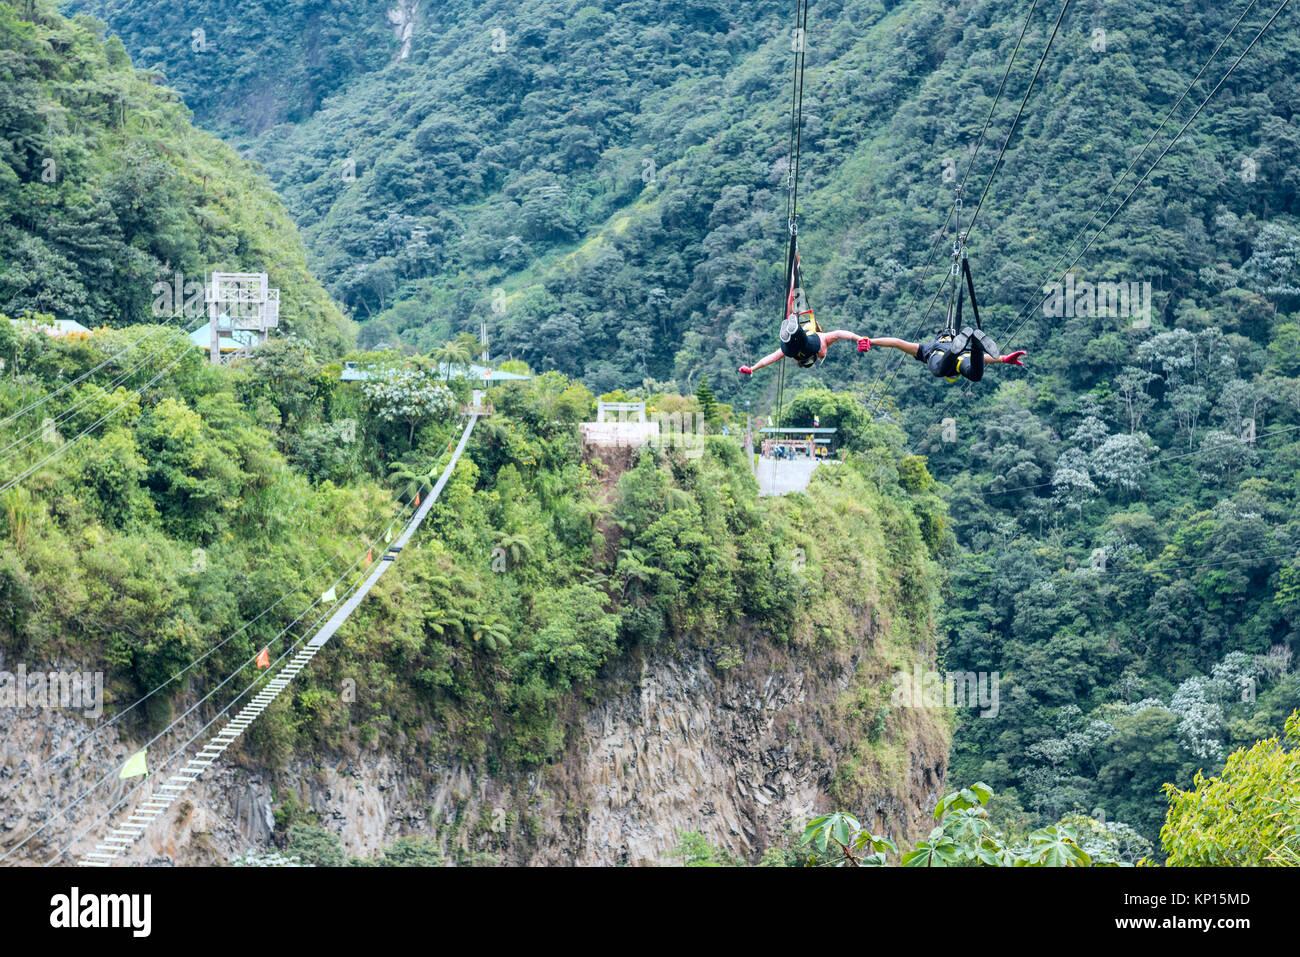 Cascades route, Banos, Ecuador - Dezember 8, 2017: Touristen gleiten auf die Zip Line Reise gegen die Canyon Stockbild